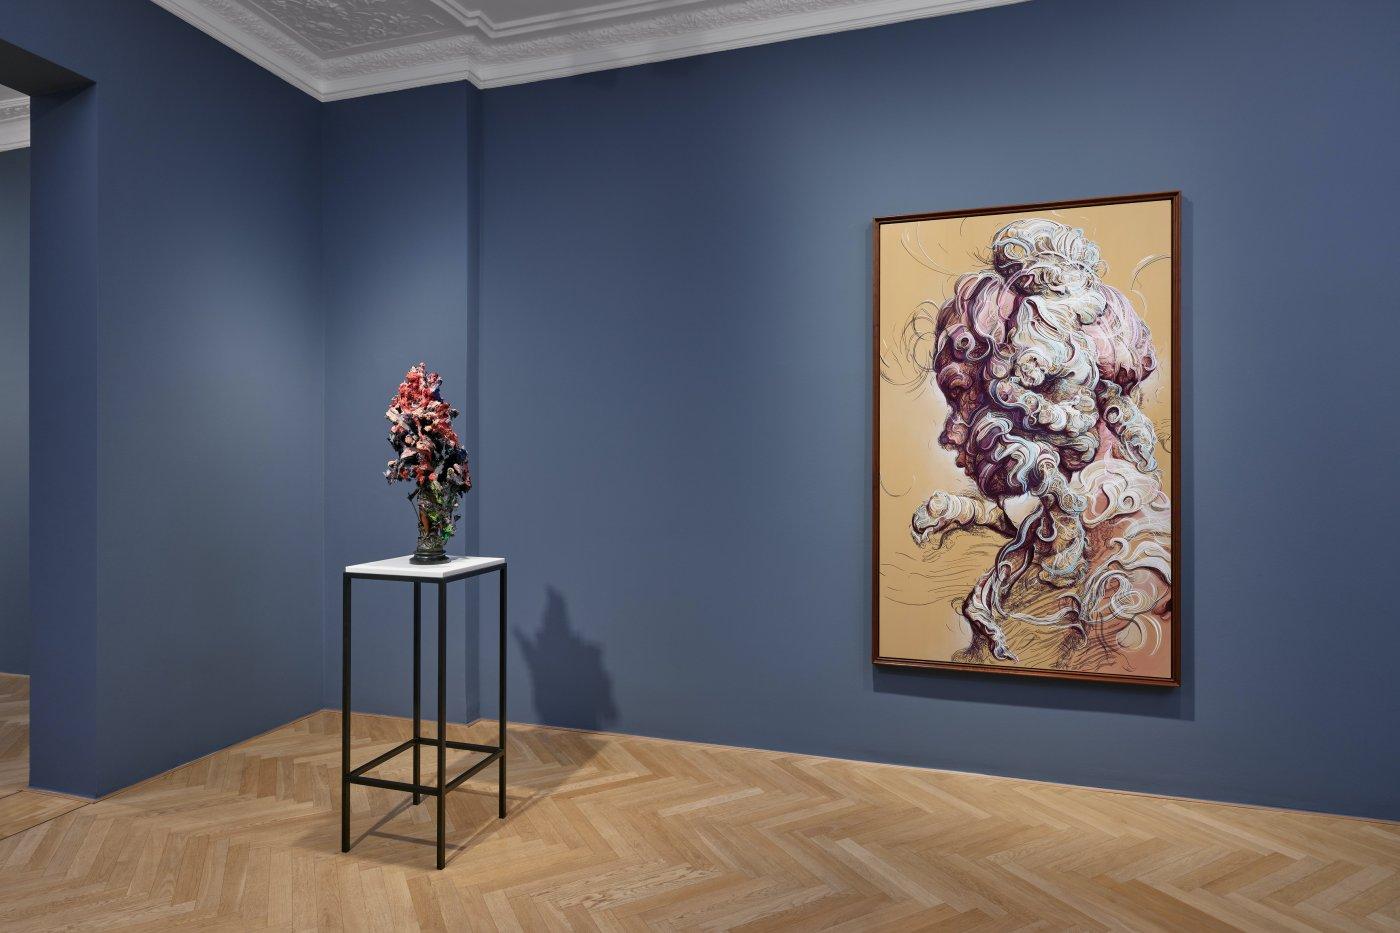 Galerie Max Hetzler Bleibtreustr 45 Glenn Brown 7